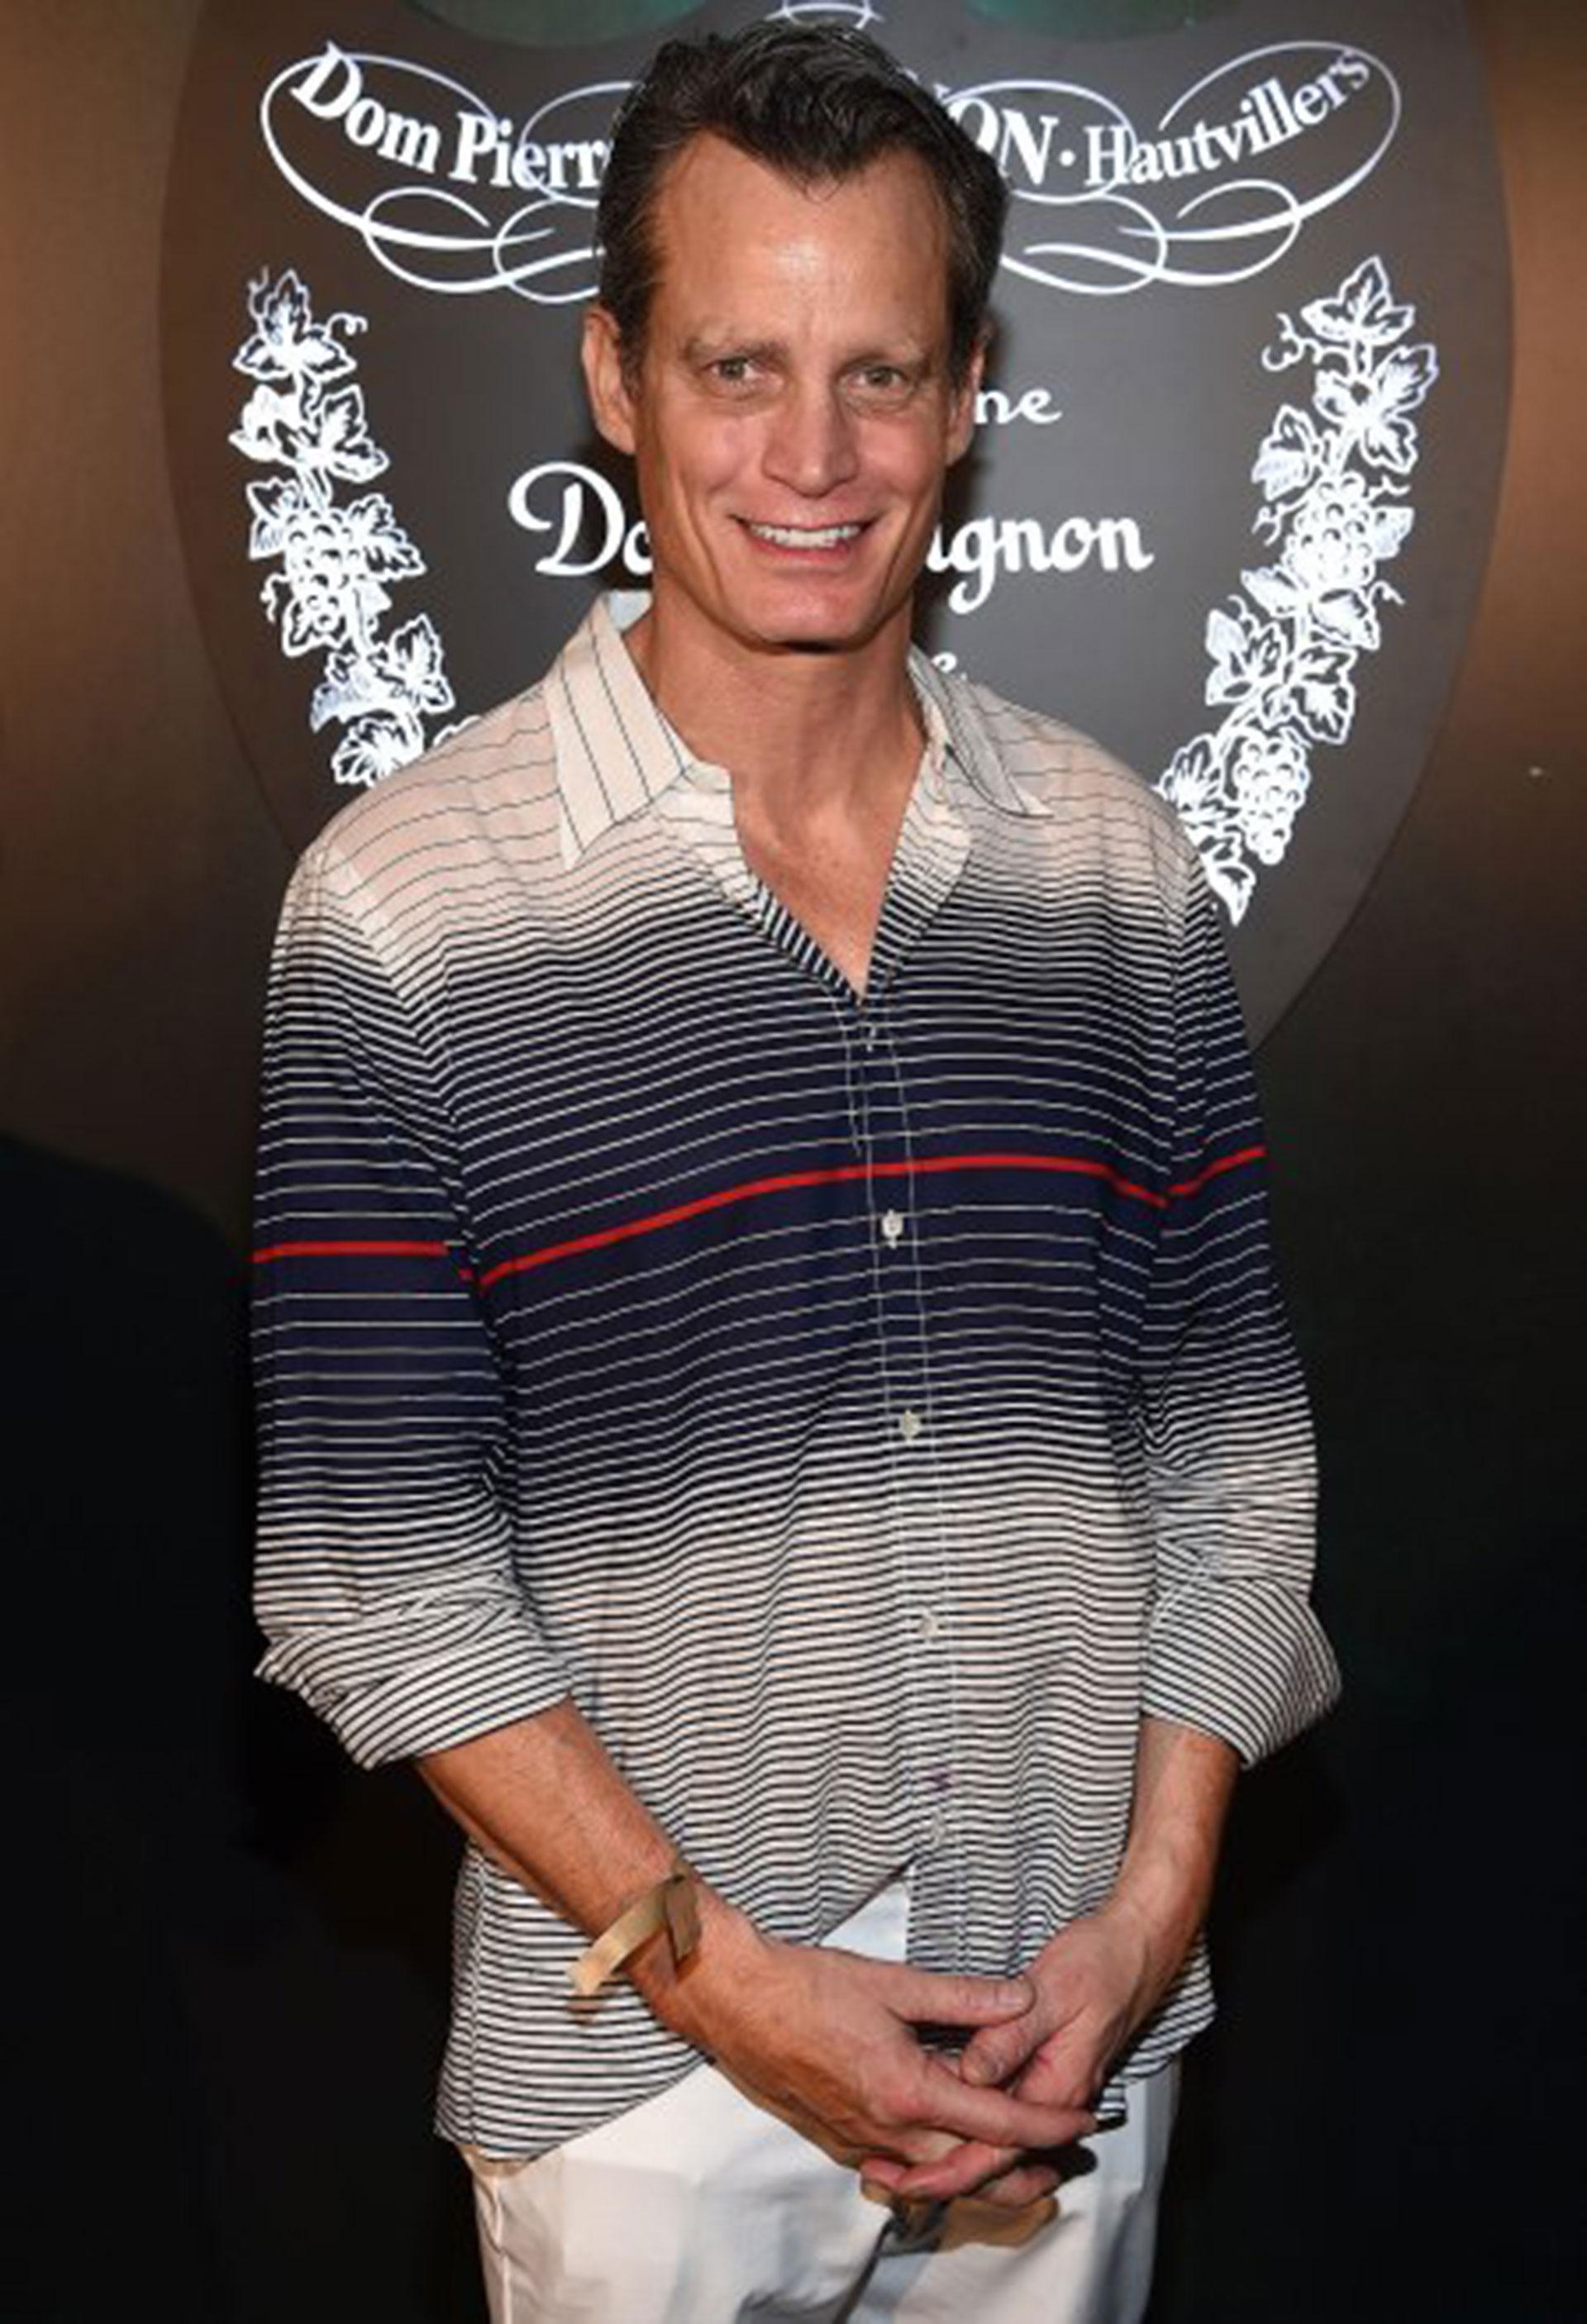 Matthew Mellon estaba internado en una clínica de rehabilitación a las drogas en Cancún, México, donde murió